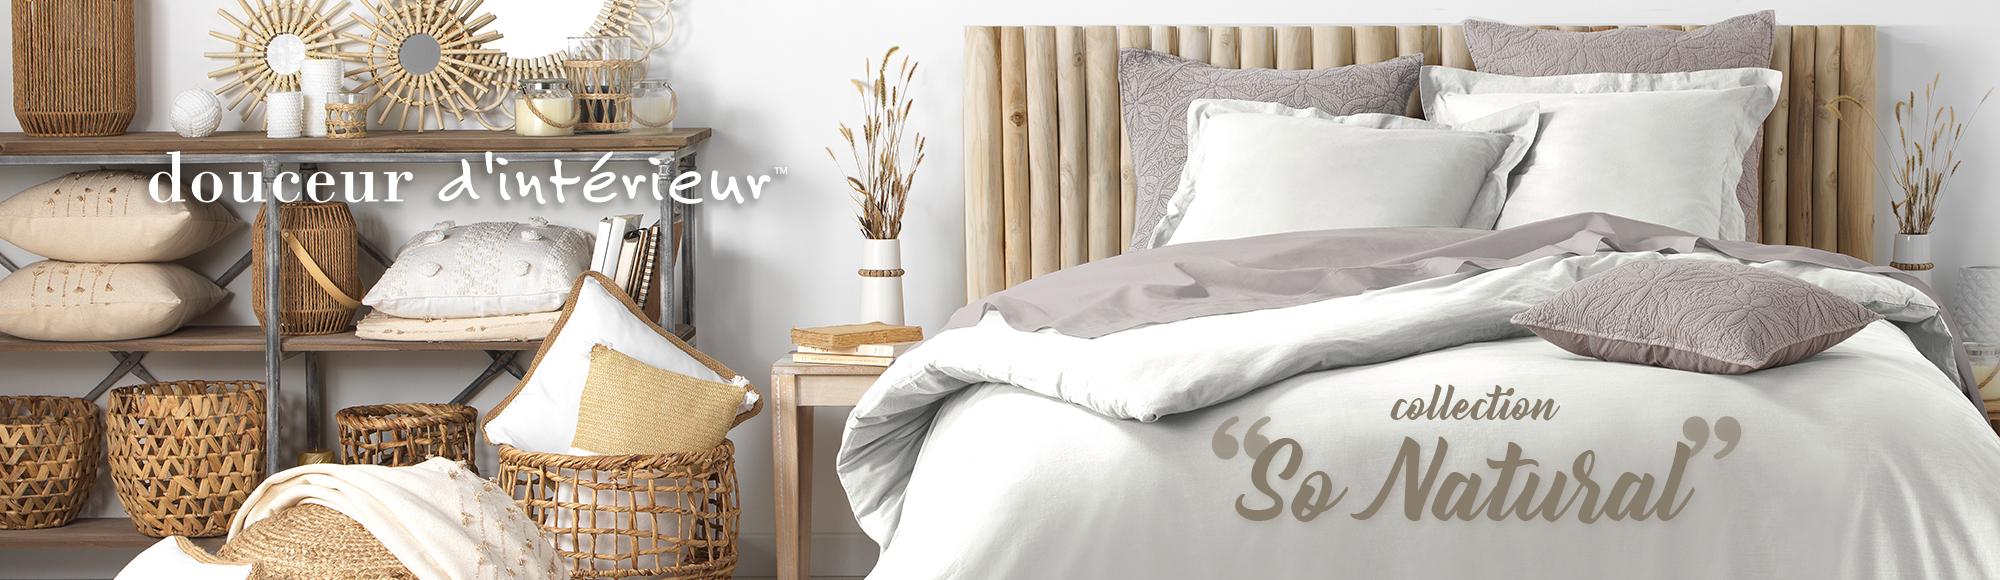 U10 - Fournisseur en décoration d'intérieur - marque douceur d'intérieur - linge de lit - so natural - coton lave